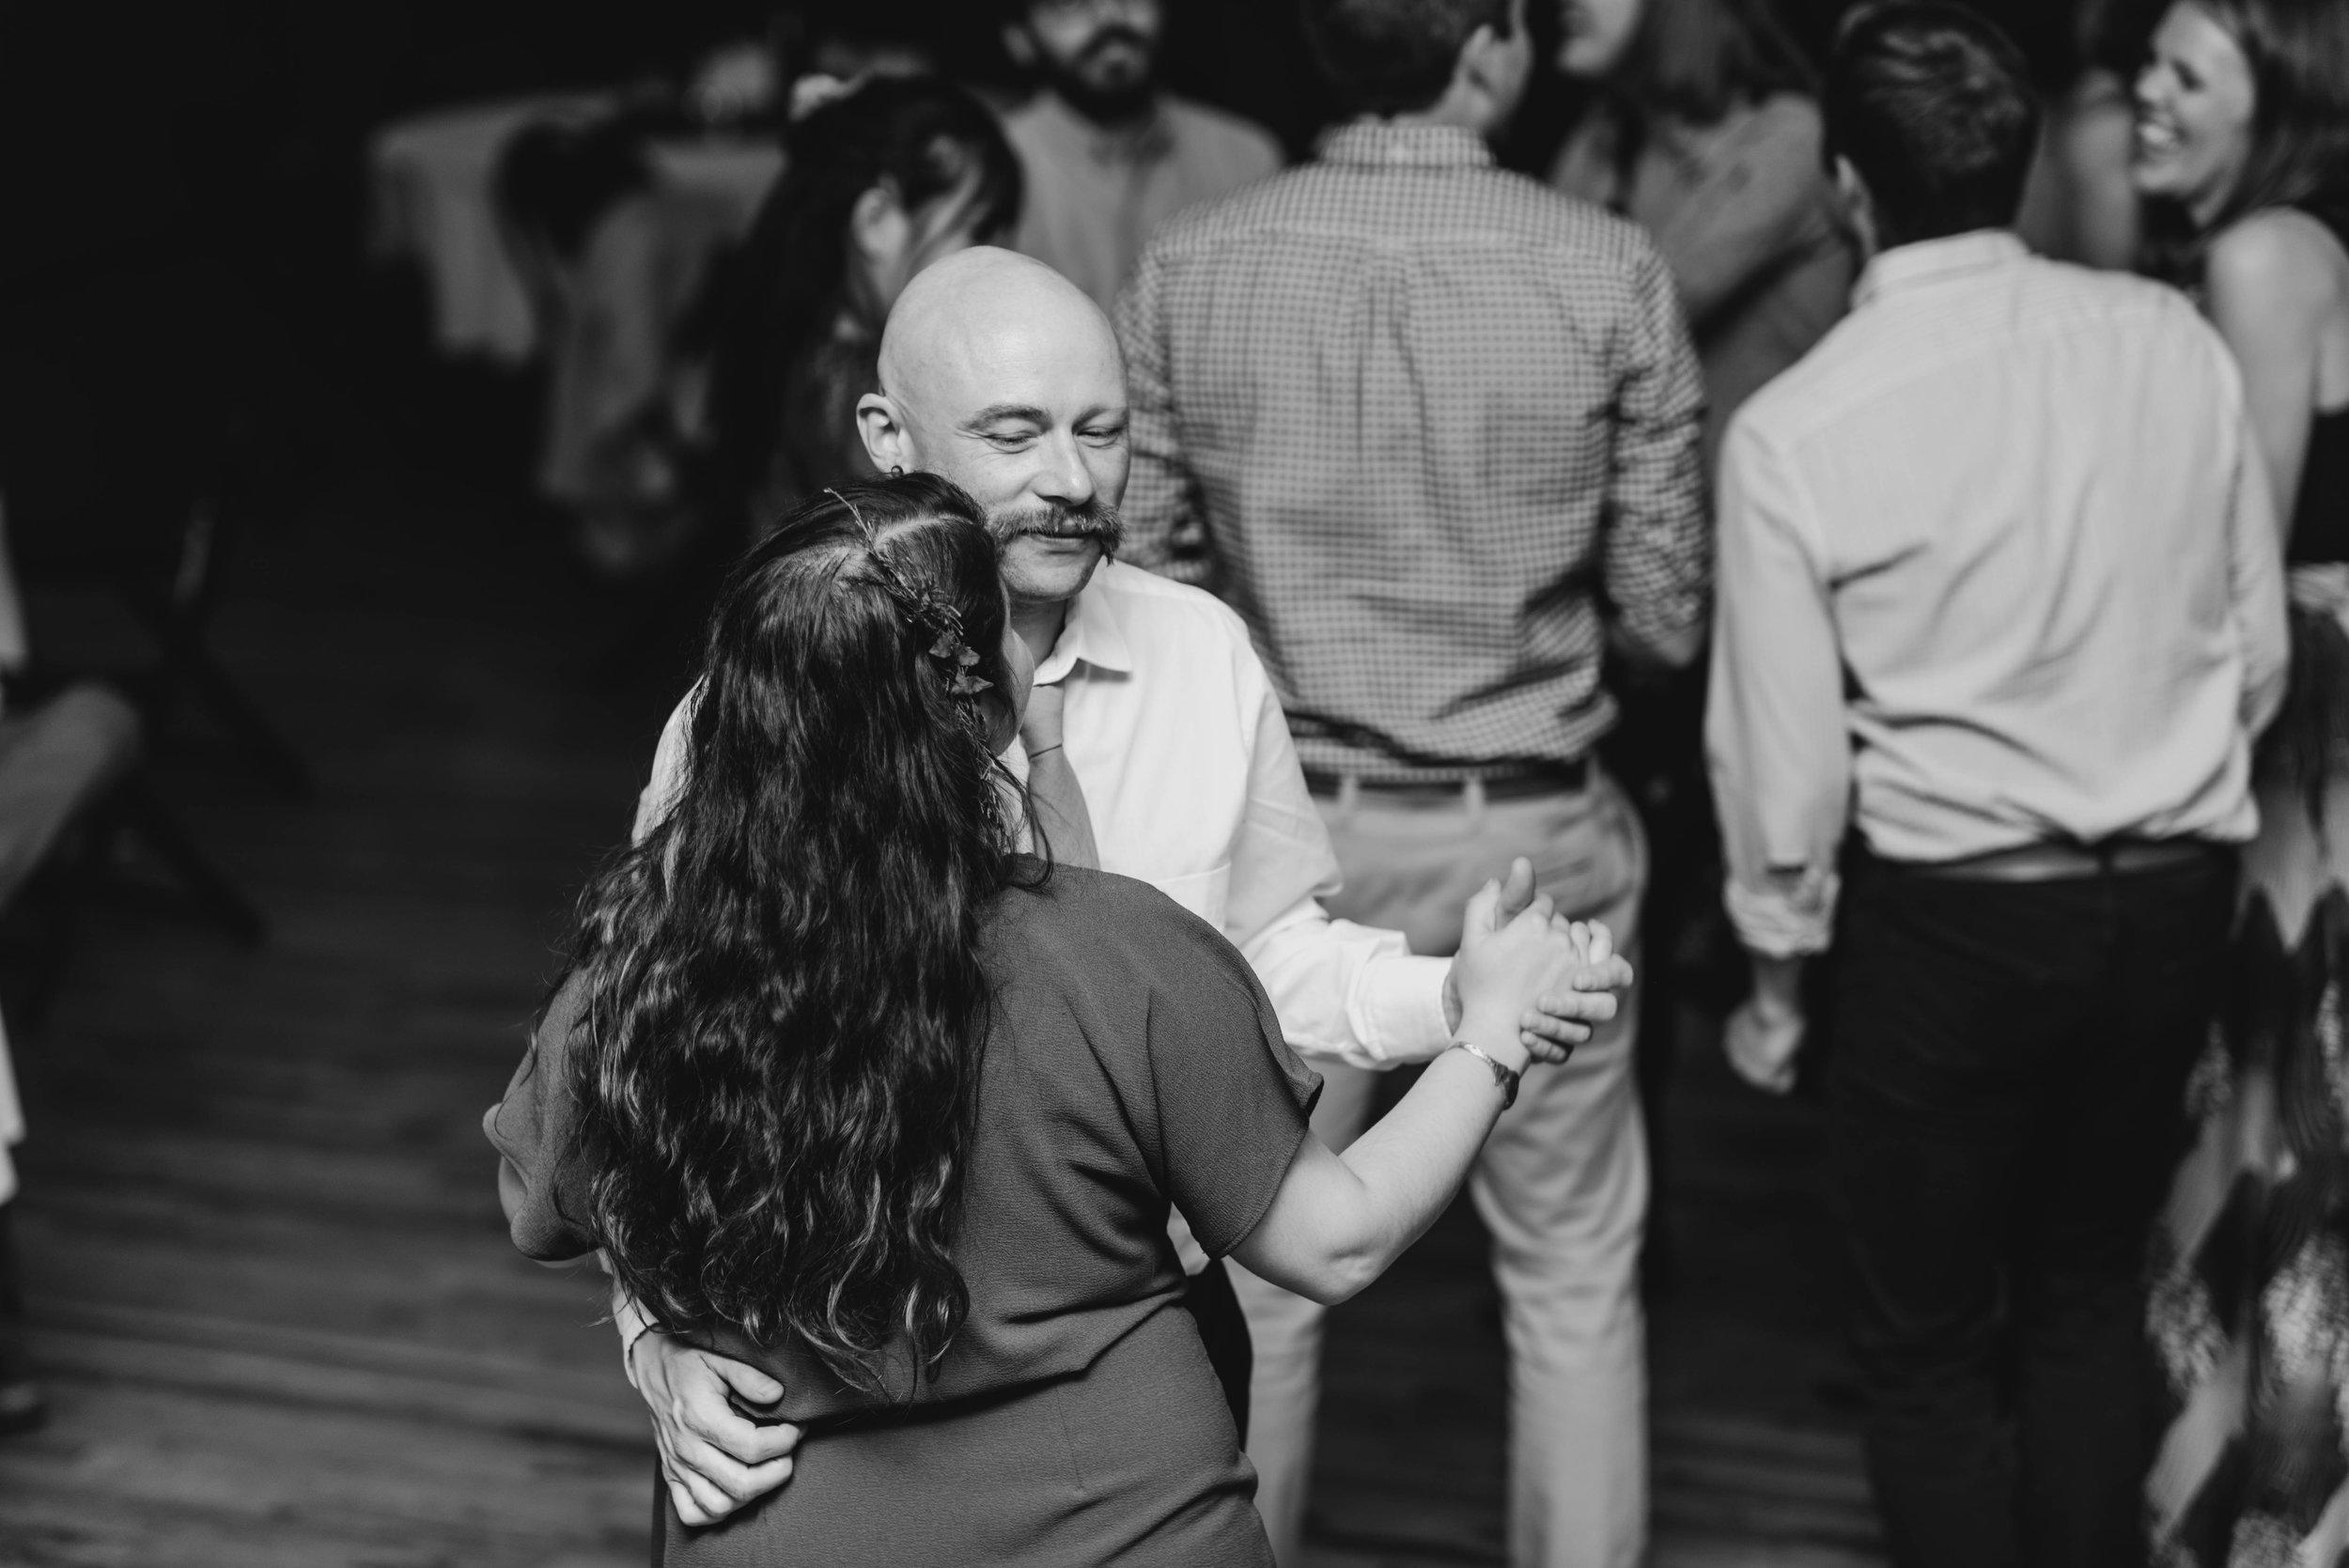 10 Dancing-2387.jpg